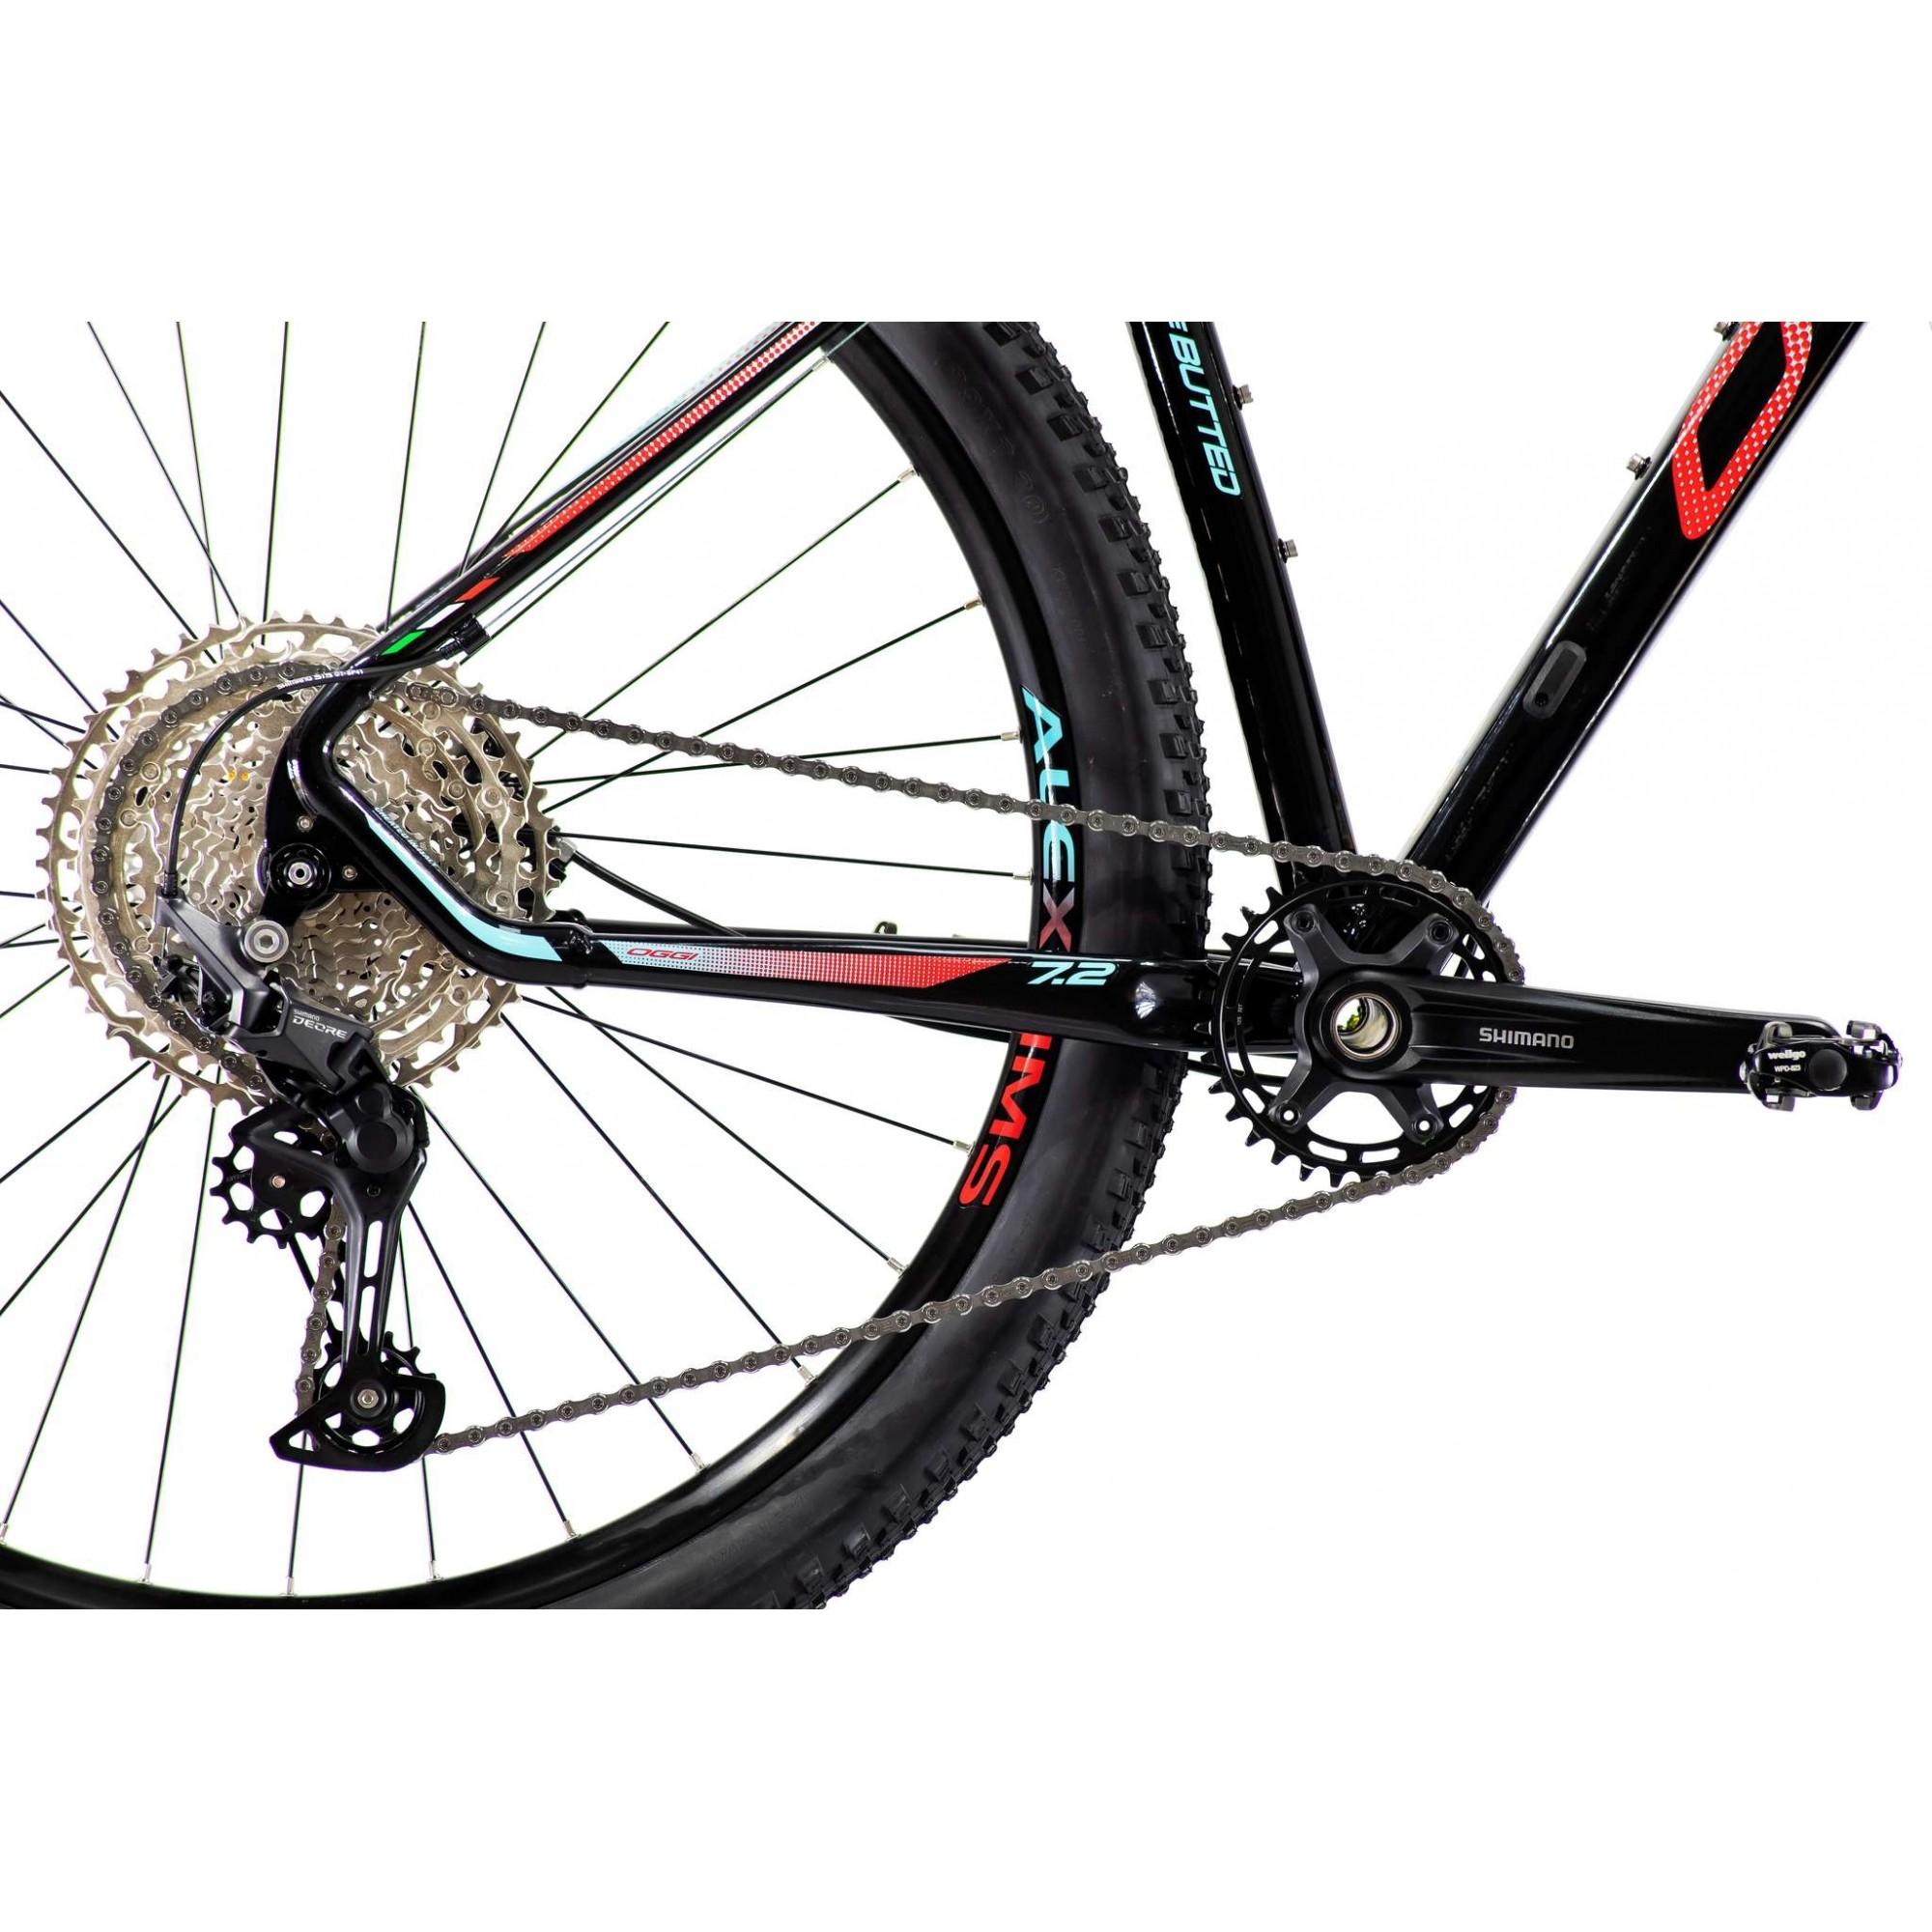 Bicicleta OGGI Big Wheel 7.2 2021 - 11v Shimano Deore - K7 11/51 dentes - Preto/Vermelho/Azul